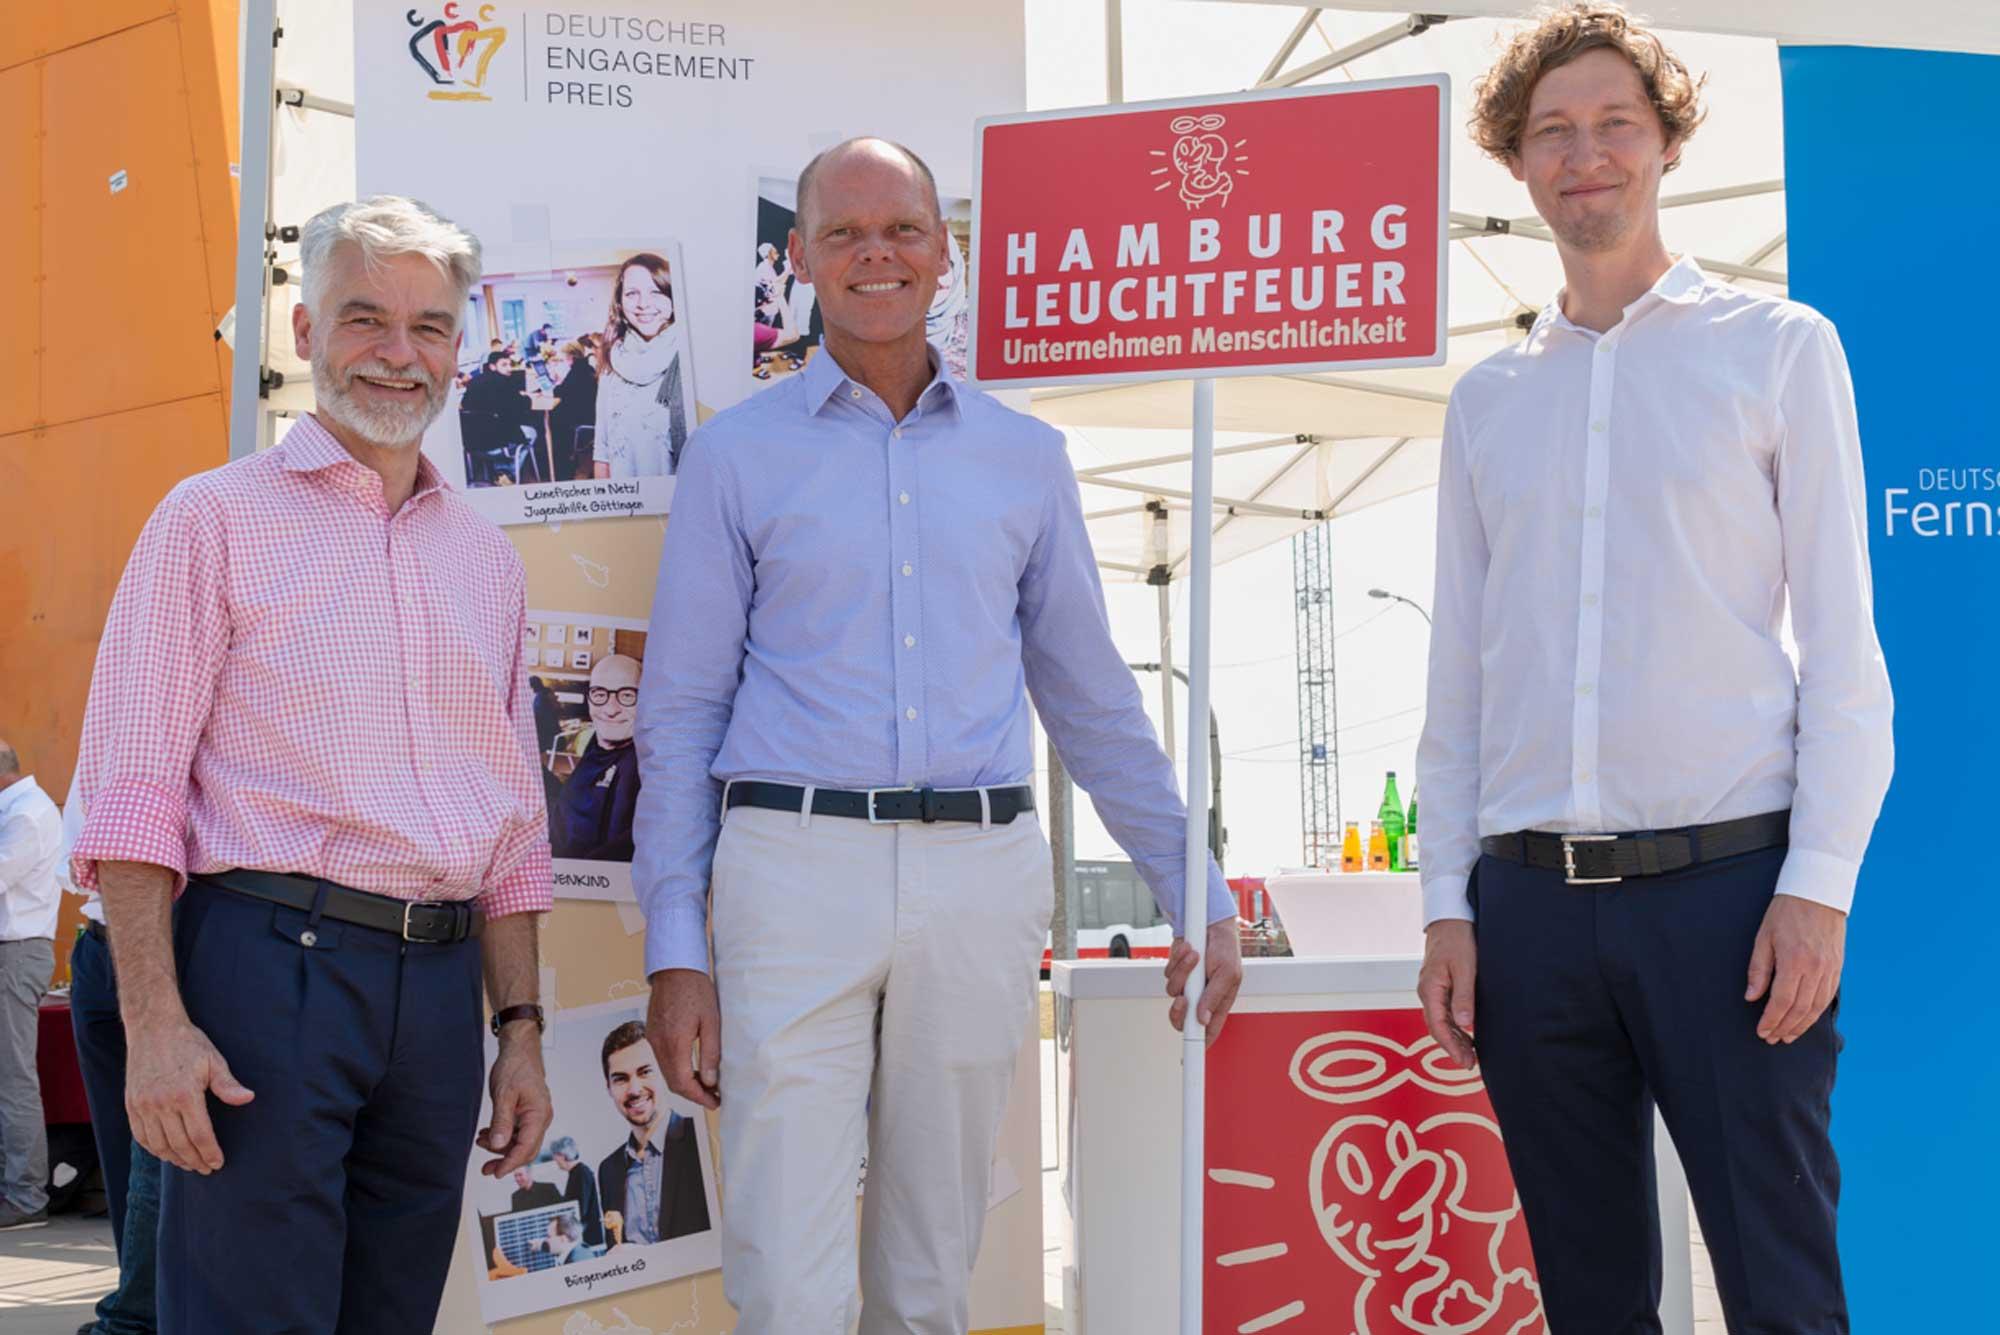 Christian Kipper, Geschäftsführer der Deutschen Fernsehlotterie und der Stiftung Deutsches Hilfswerk, Ulf Bodenhagen, Geschäftsführer Hamburg Leuchtfeuer, Markus Winkler, Pressereferent Deutscher Engagementpreis (v.l.)